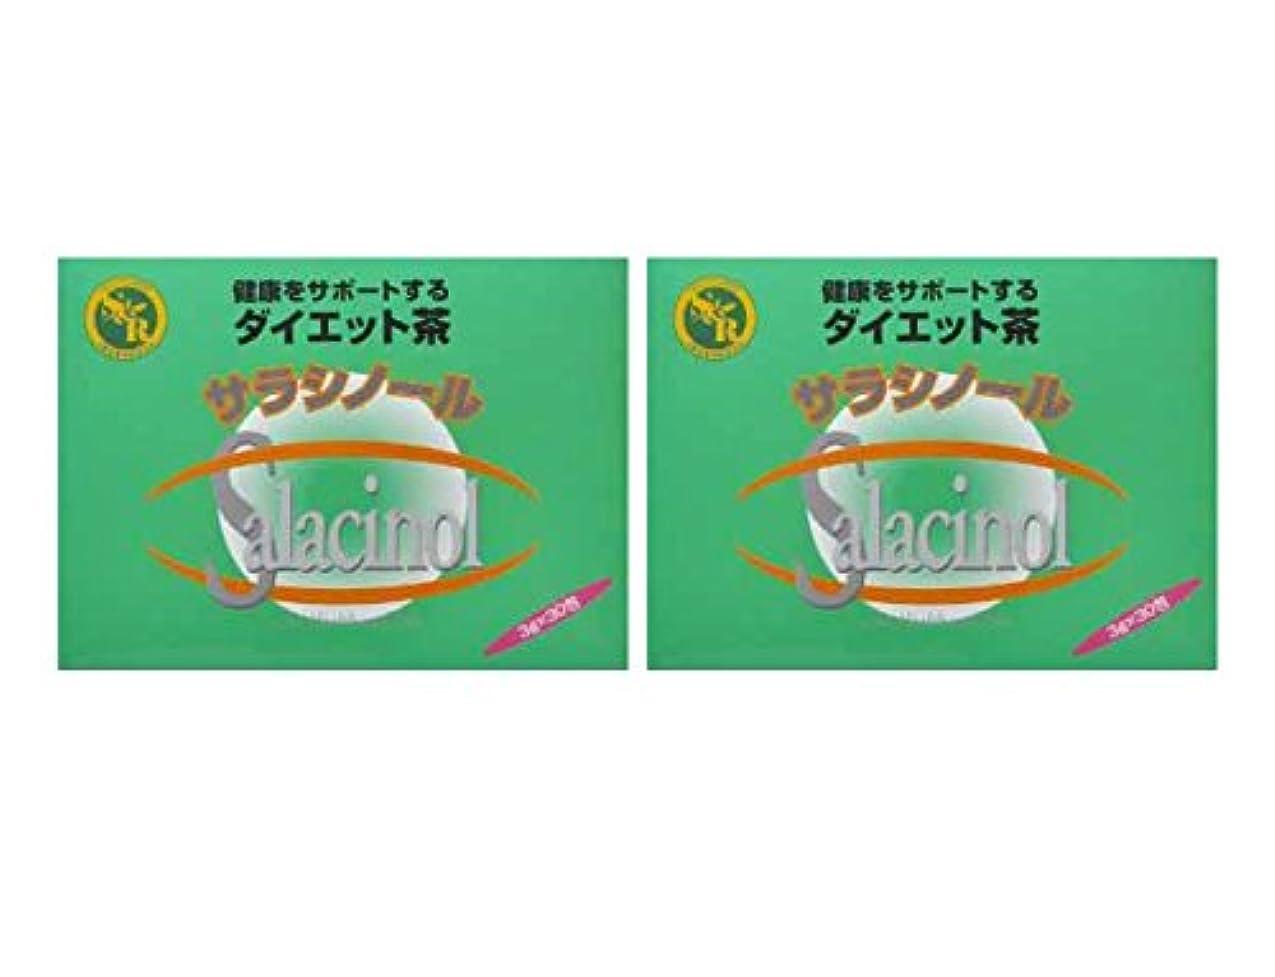 東方ブレーキペネロペジャパンヘルス サラシノール茶 3g×30包×2箱セット(サラシア茶?ダイエット茶)